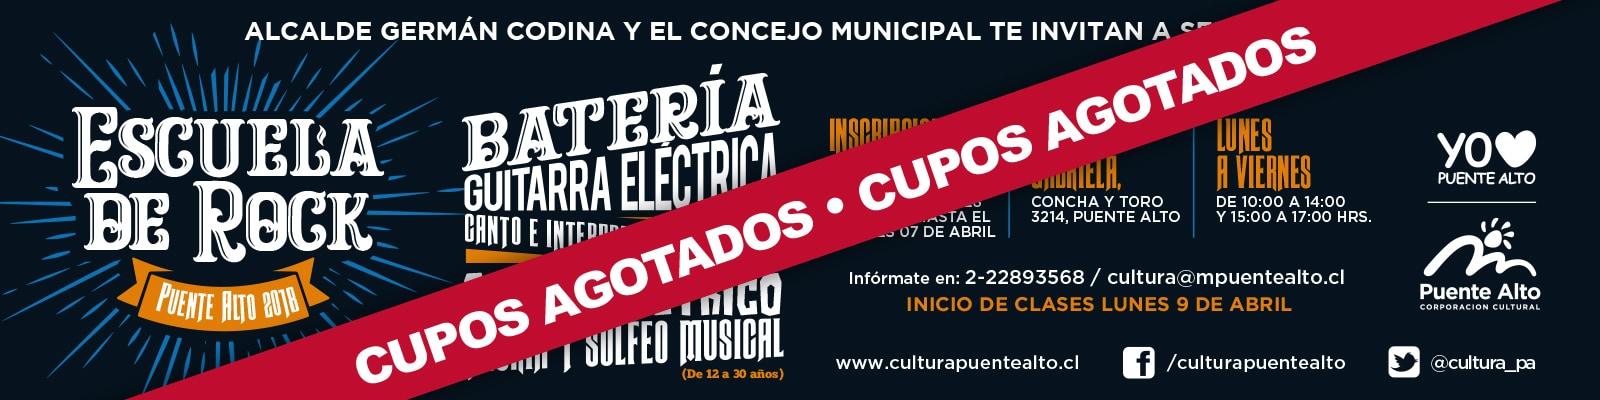 Participa en la Escuela de Rock Puente Alto 2018.